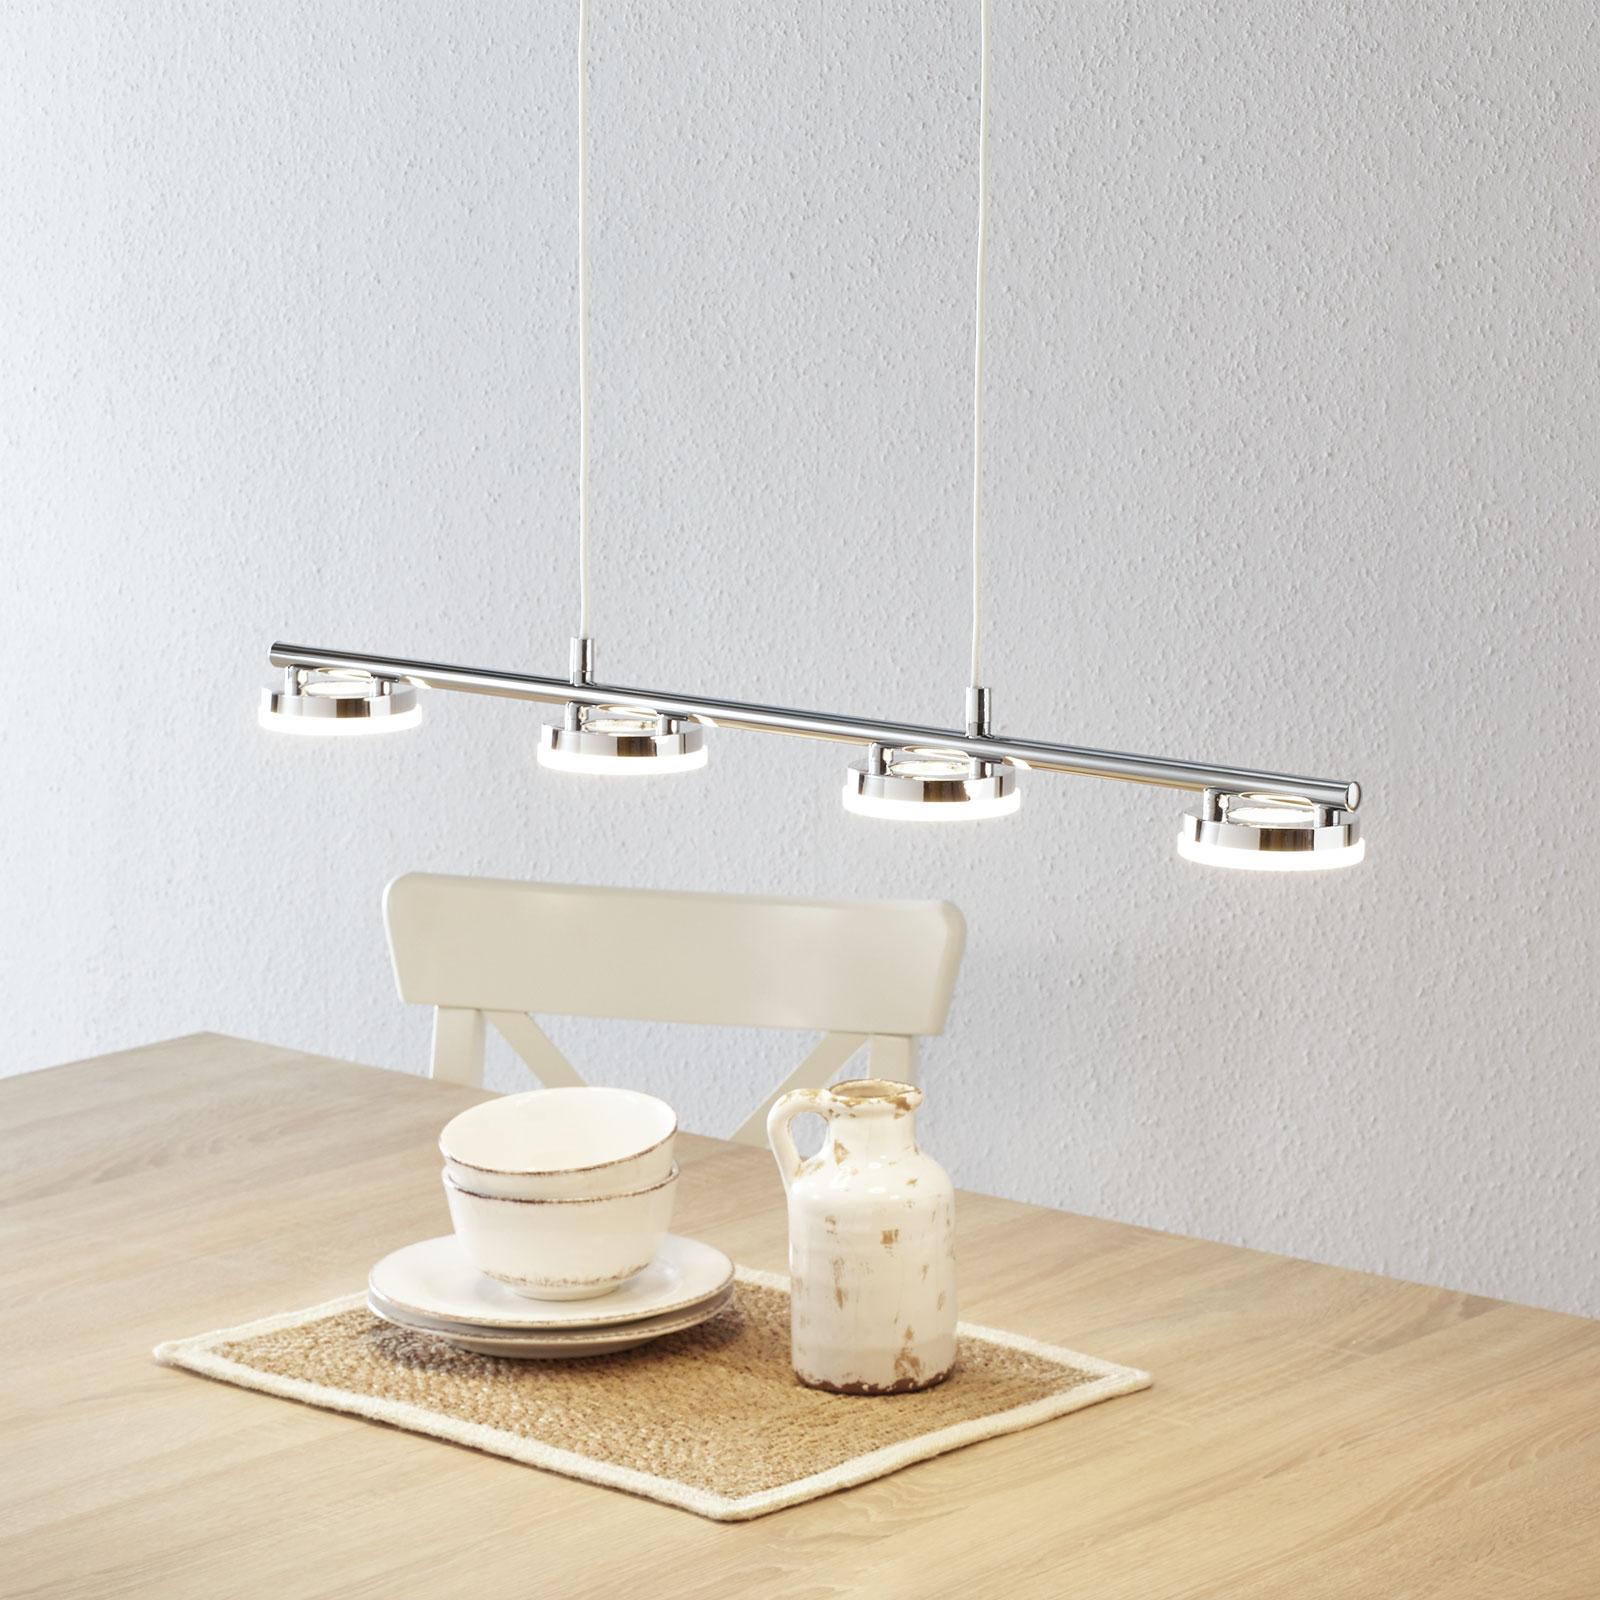 Schitterende LED hanglamp Rennes, vier lichtbr.